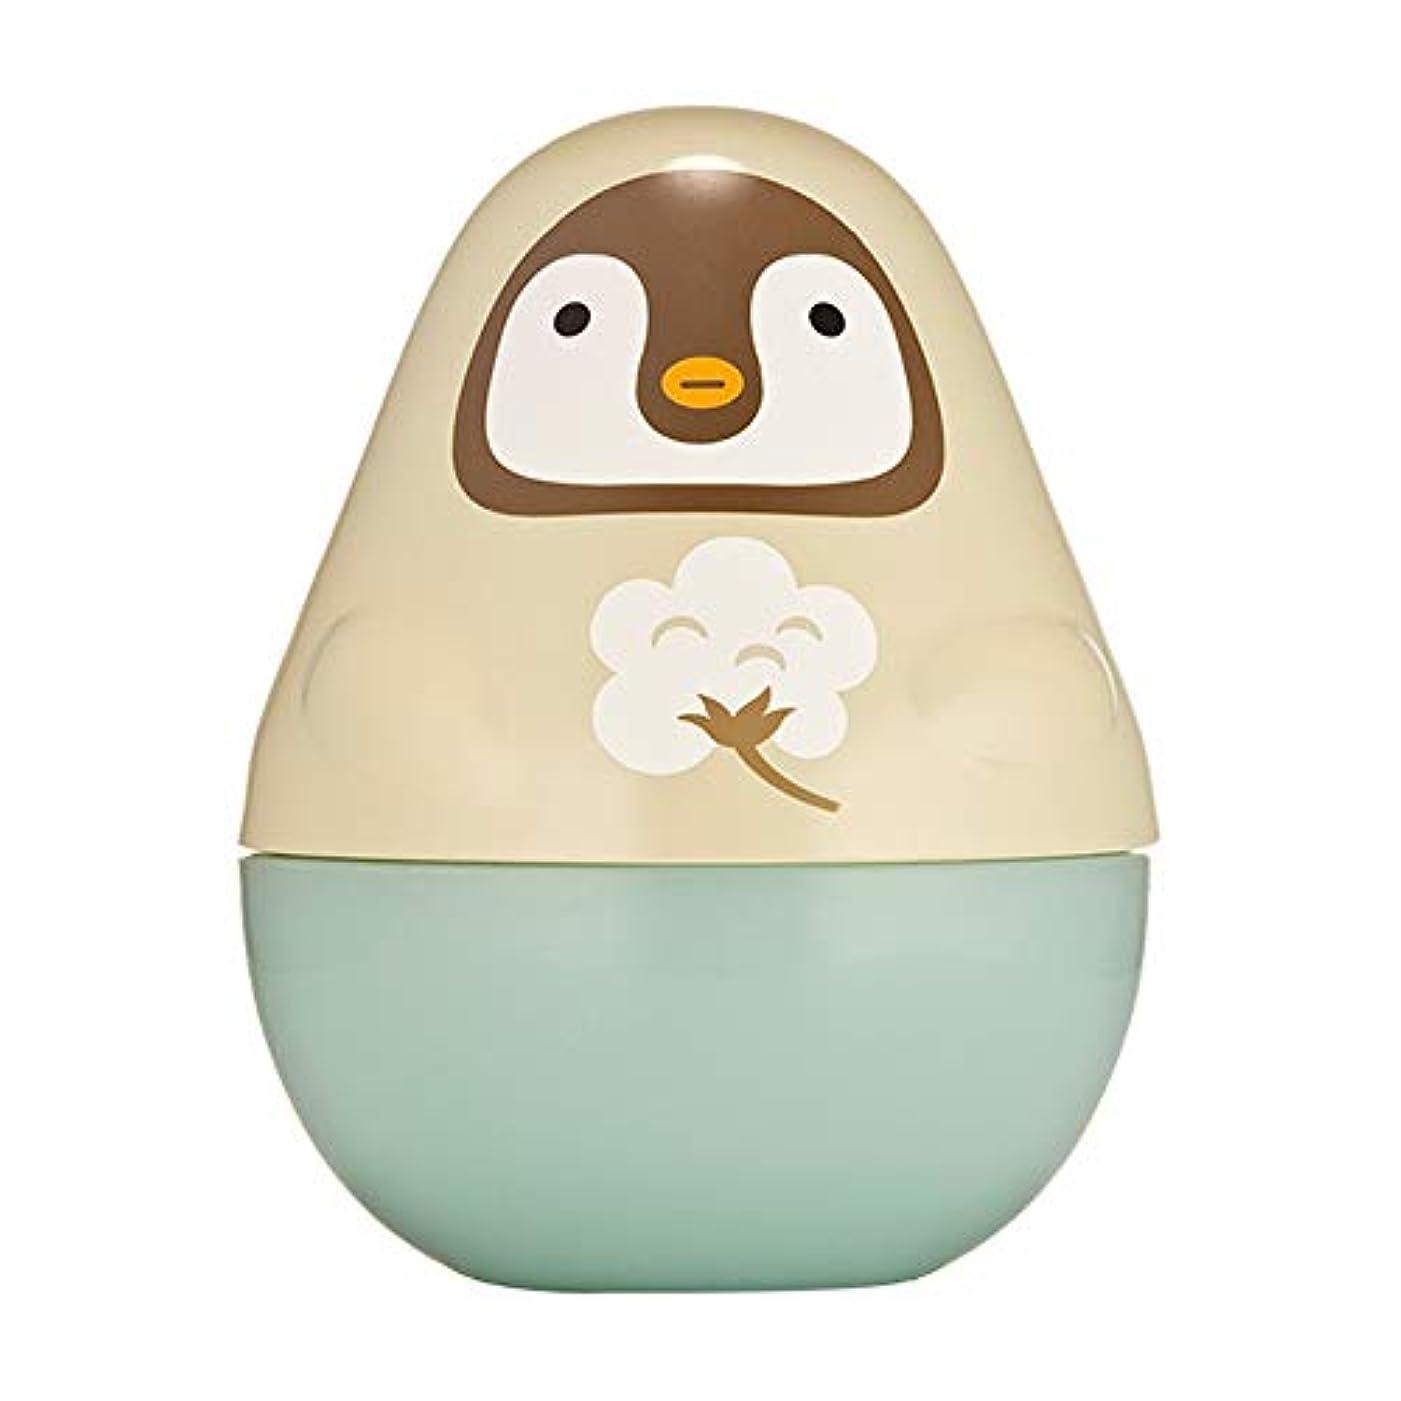 過激派避ける仕事エチュードハウス(ETUDE HOUSE) ミッシングユー ハンドクリーム ペンギン(ベビーパウダーの香り)